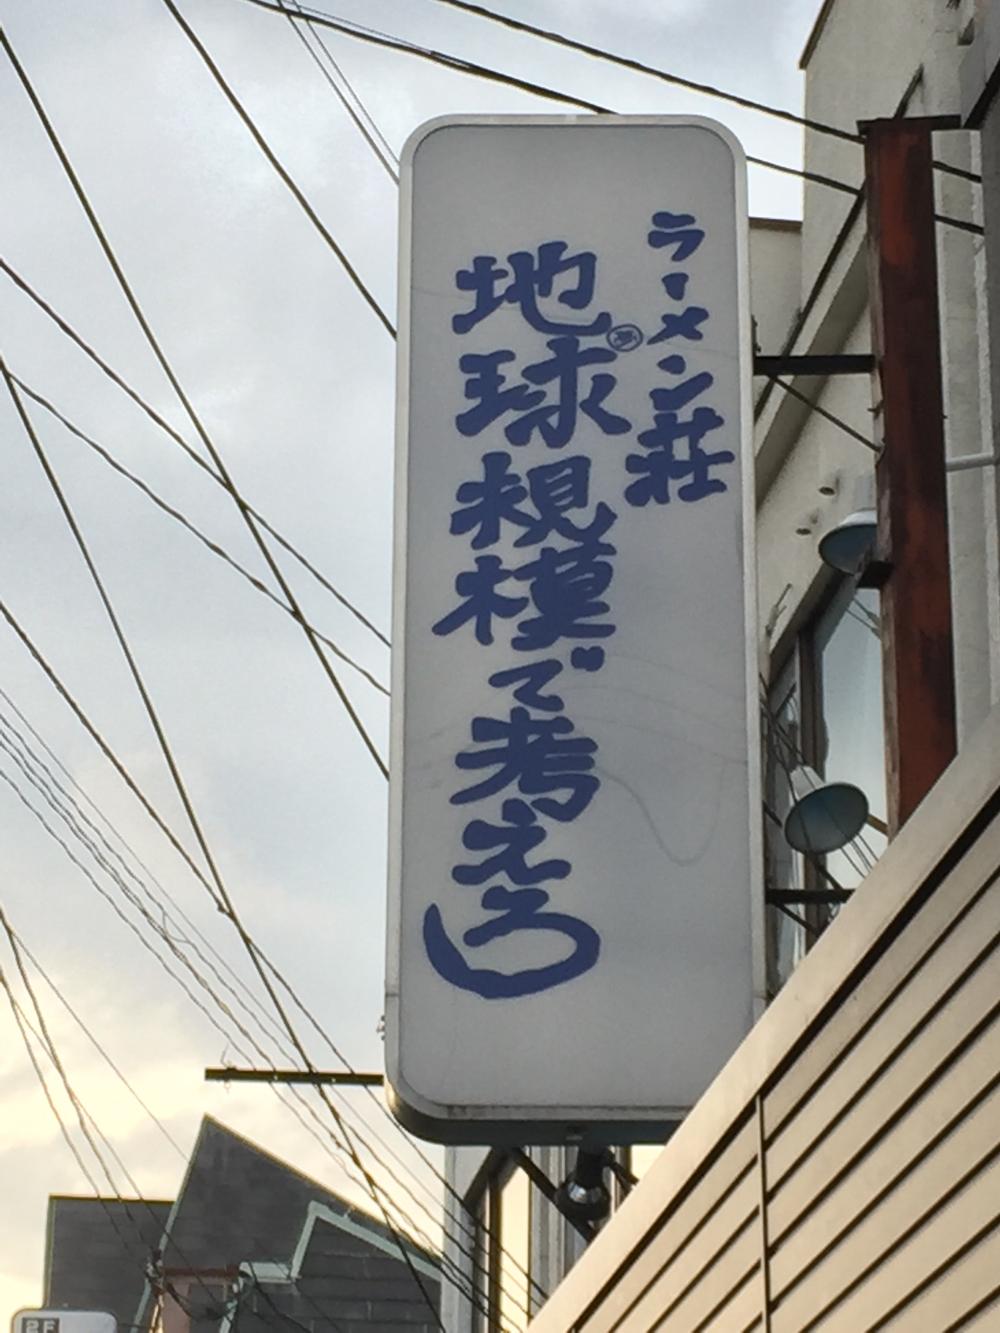 京都 ラーメン 地球規模で考えろ